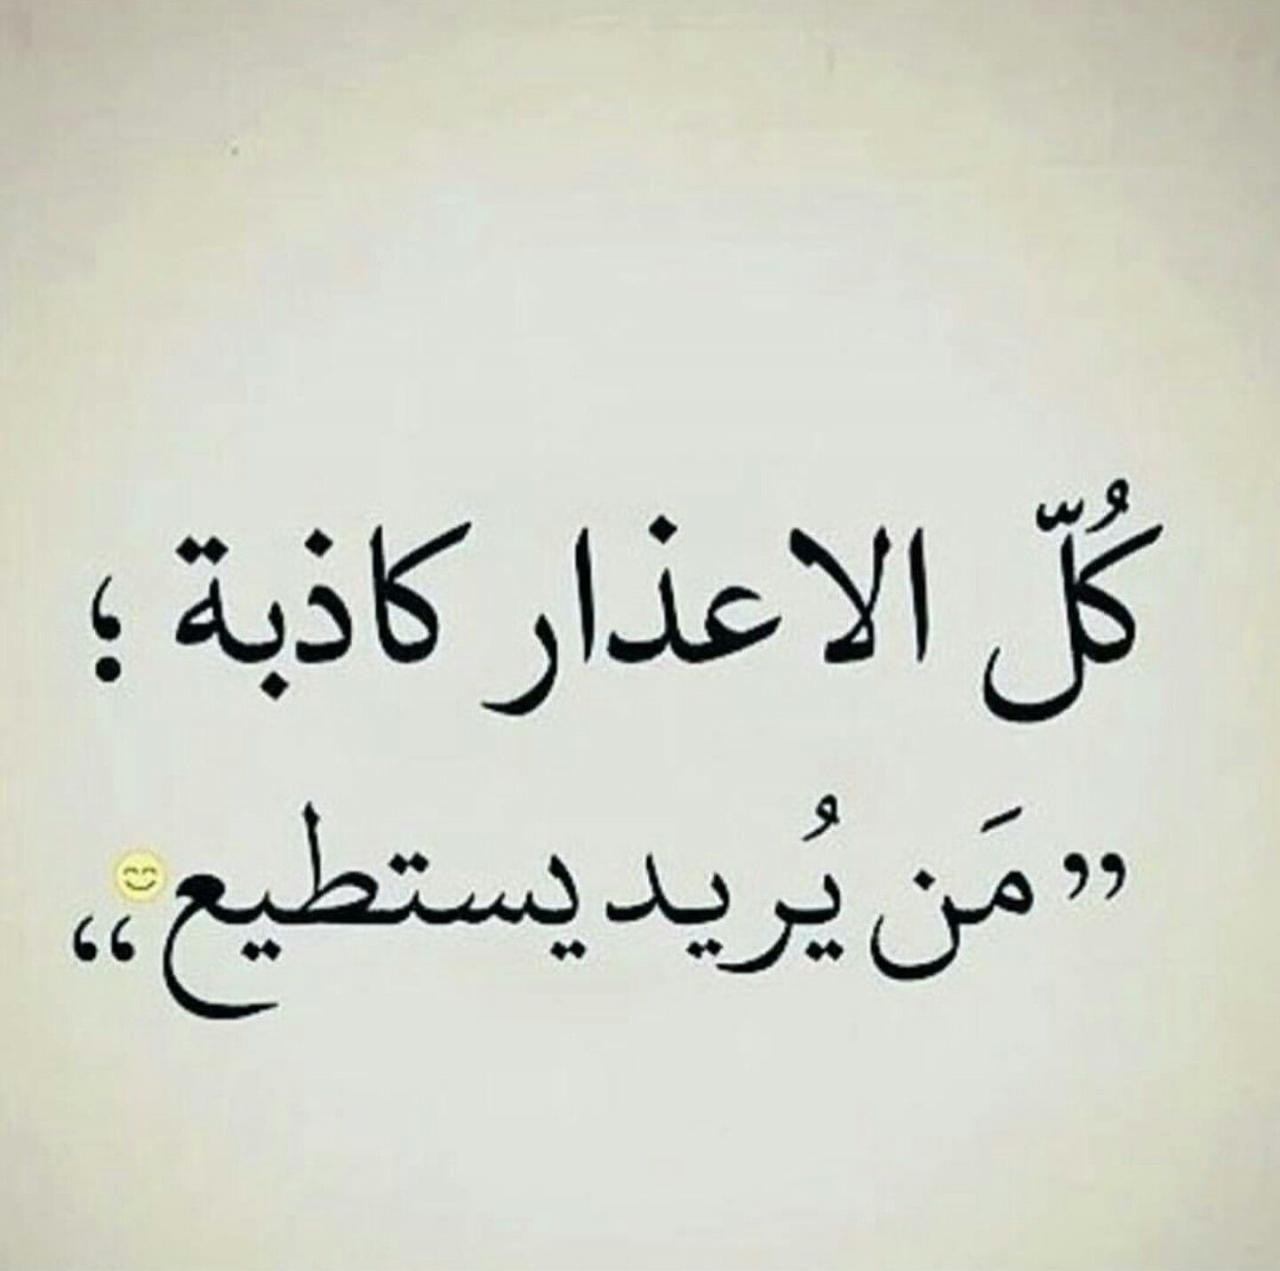 صورة صور كلام عتاب , عشان بحبك بعتب عليك فى كل شئ 1572 4